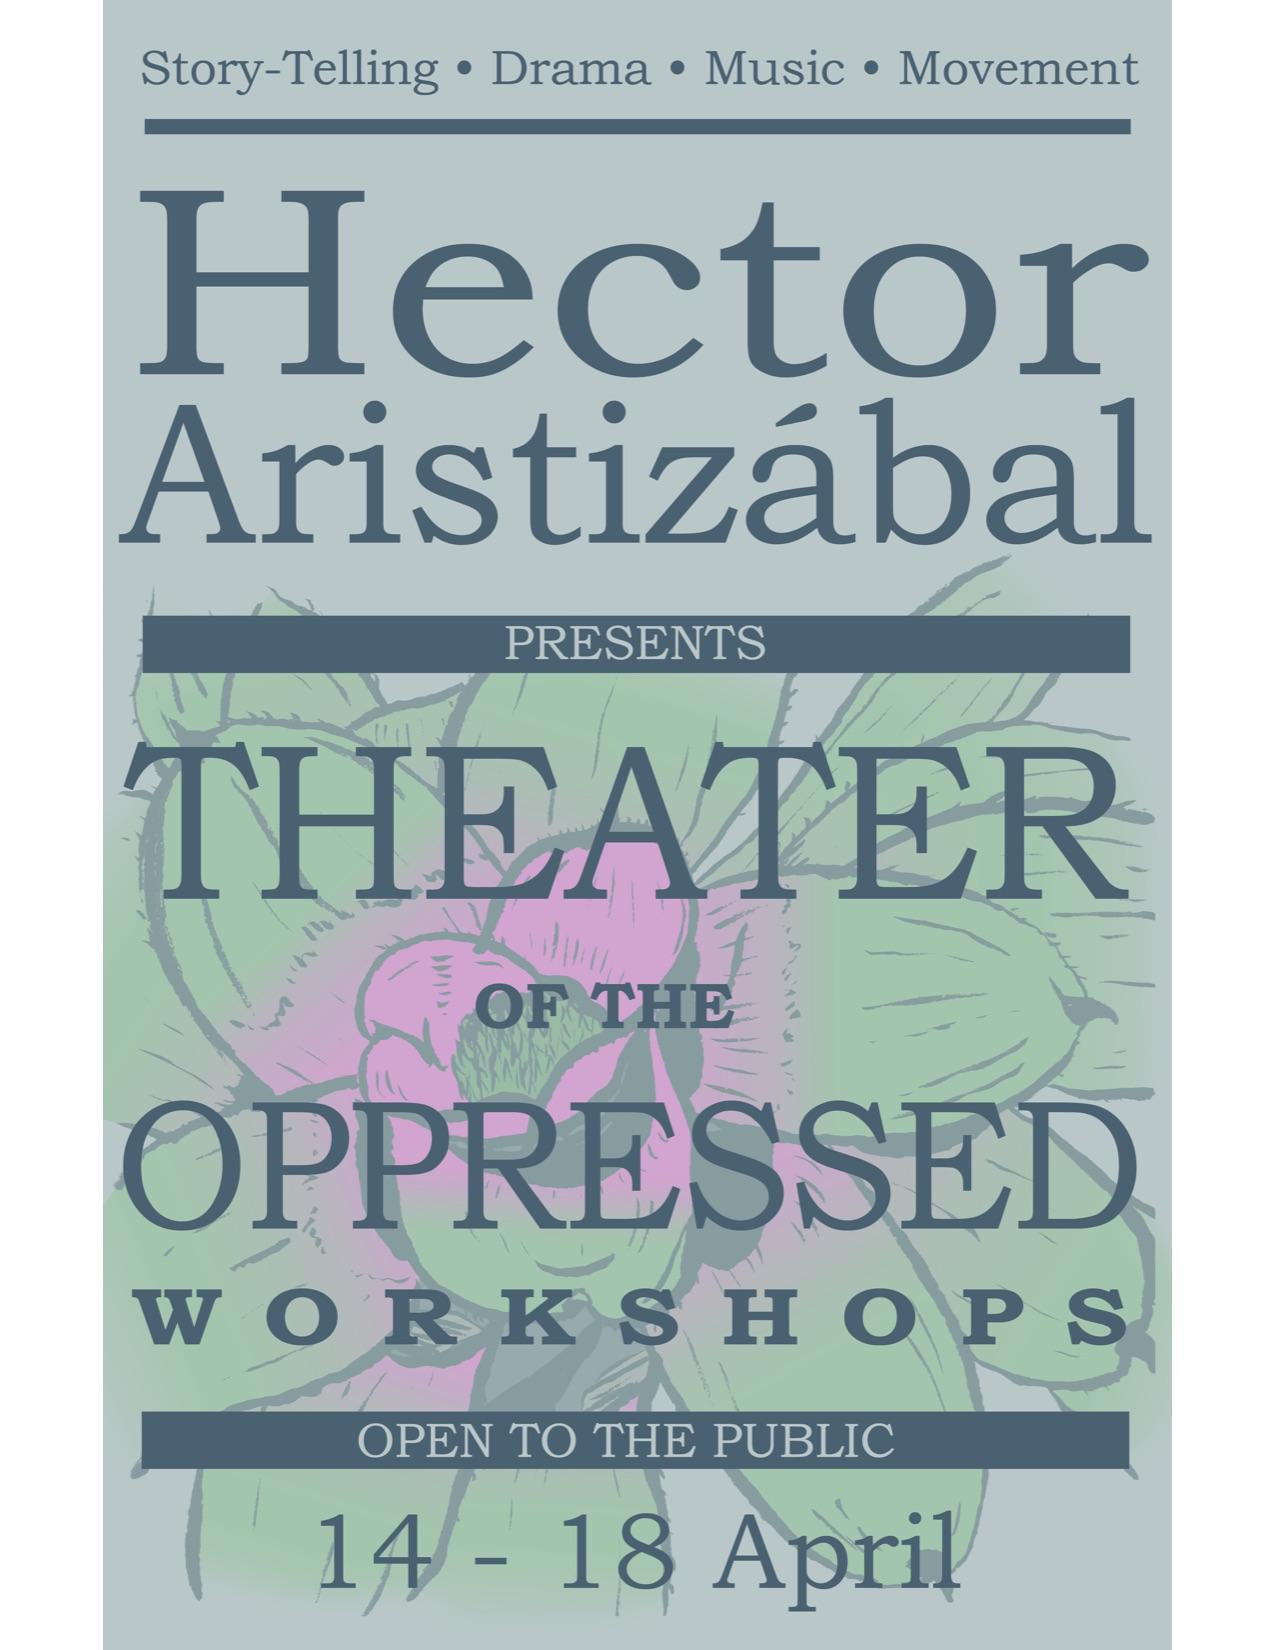 Aristizabal_Poster1 (1)